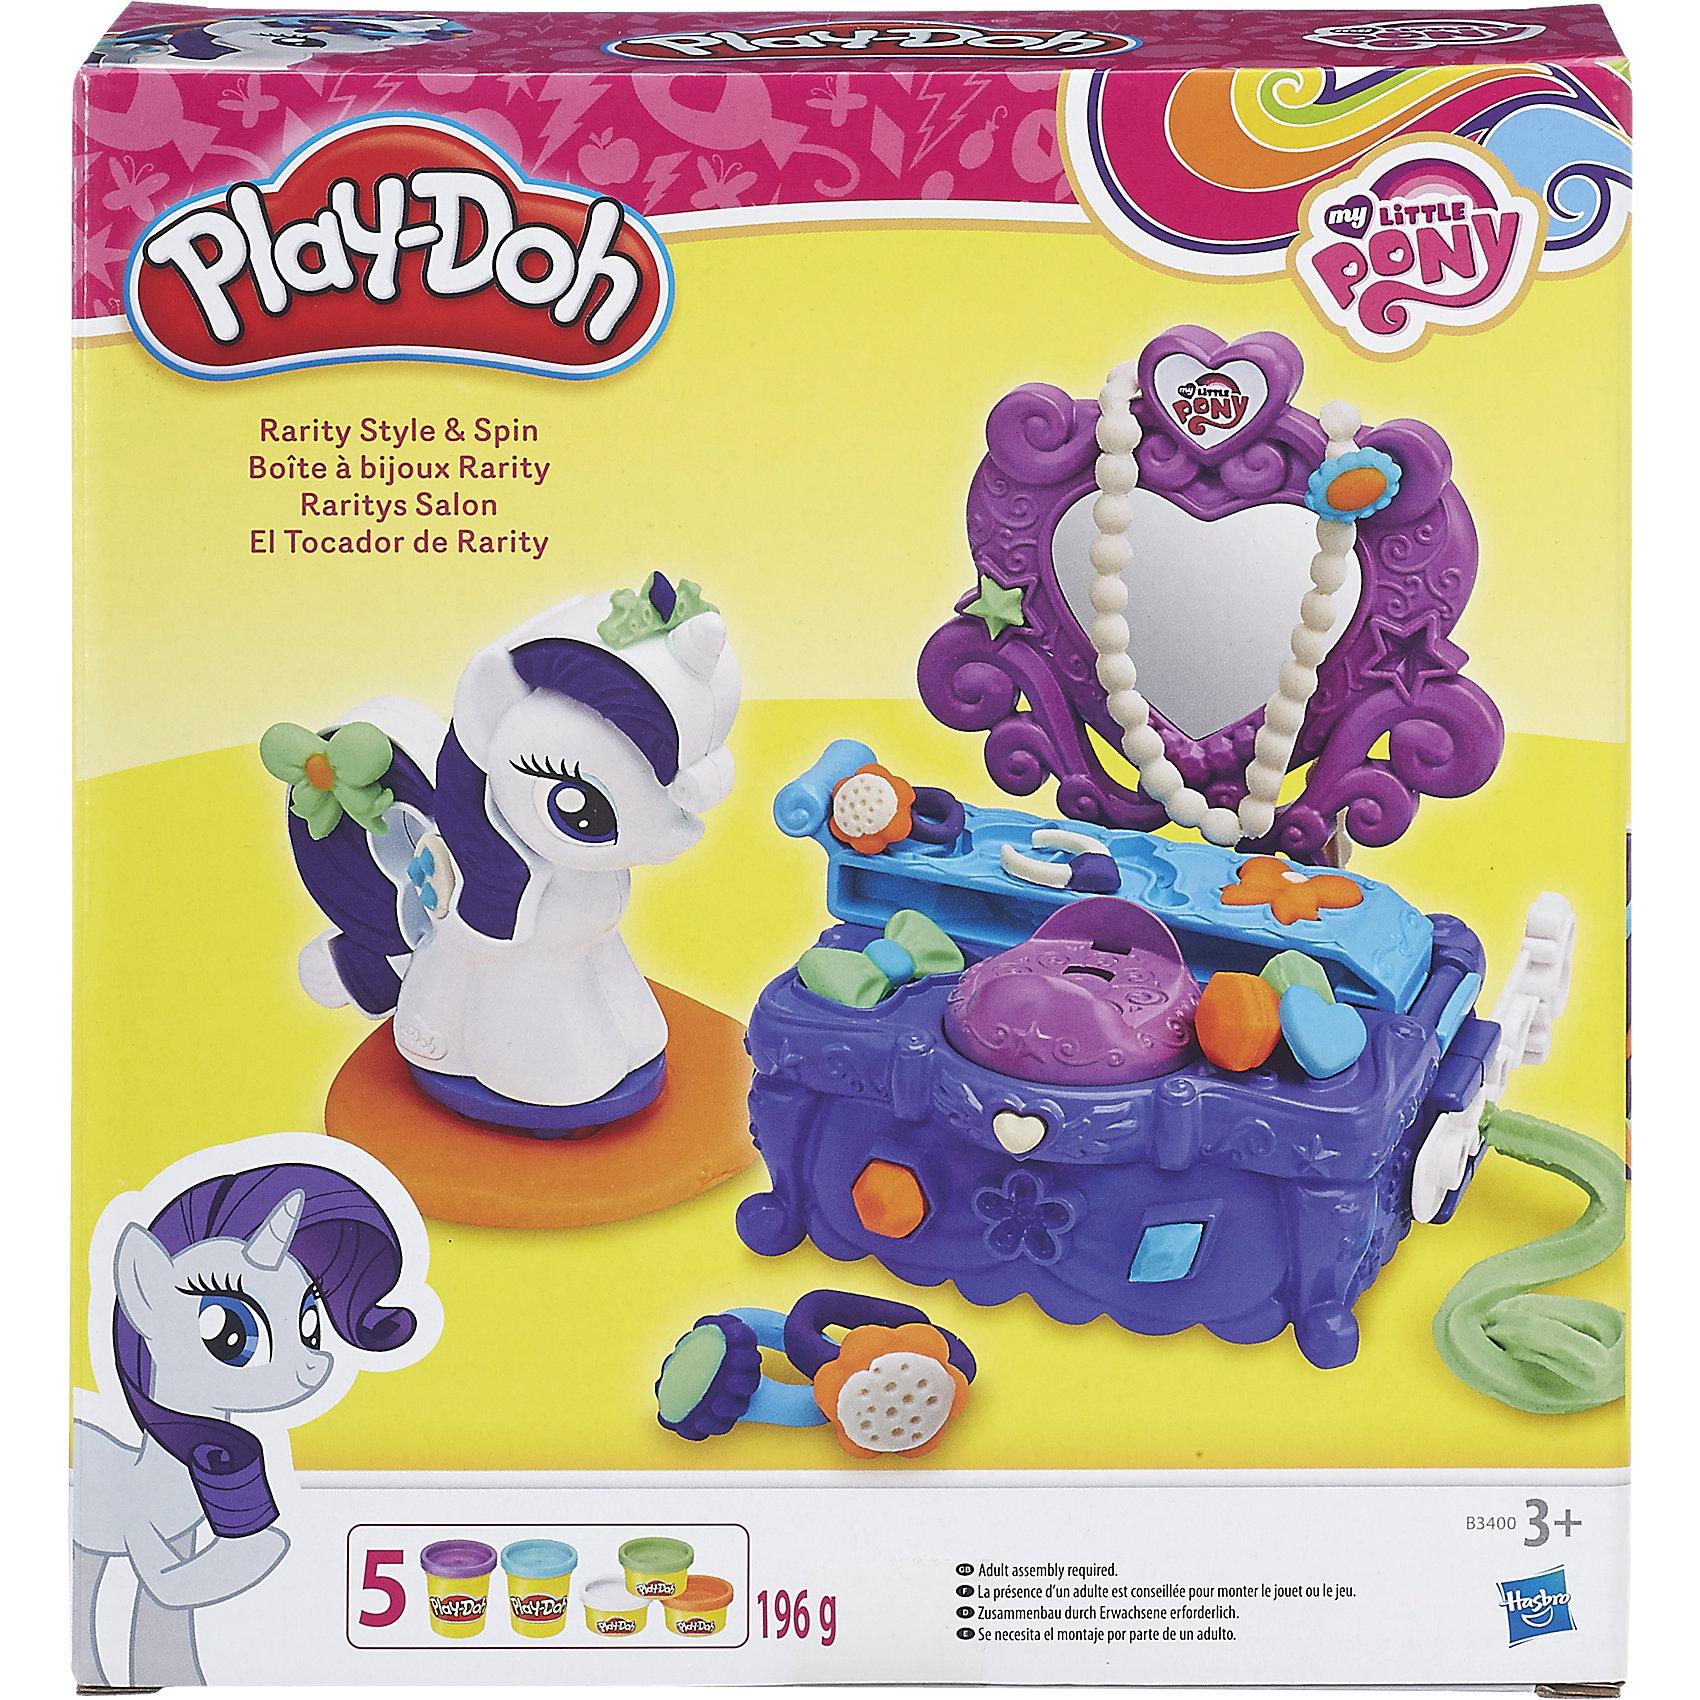 Игровой набор Туалетный столик Рарити, Play-DohИгрушки<br>Набор приведет в восторг всех юных поклонниц мультсериала Моя маленькая Пони. Создай свой уникальный туалетный столик для очаровательной малышки Рарити. <br>Пластилин Play-Doh - уникальный материал для детского творчества. Он не прилипает к рукам, окрашен безопасным красителем, быстро высыхает и не имеет запаха. Пластилин сделан на основе натуральных съедобных продуктов, поэтому даже если ребенок проглотит его, ничего страшного не случится. <br><br>Дополнительная информация:<br><br>- Материал: пластик, пластилин.<br>- Размер упаковки: 21х20х6 см.<br>- Комплектация: туалетный столик, стек, формочки, фигурка пони, 5 баночек play-doh.<br><br>Игровой набор Туалетный столик Рарити, Play-Doh (Плей До), можно купить в нашем магазине.<br><br>Ширина мм: 218<br>Глубина мм: 203<br>Высота мм: 60<br>Вес г: 504<br>Возраст от месяцев: 36<br>Возраст до месяцев: 72<br>Пол: Женский<br>Возраст: Детский<br>SKU: 4319033